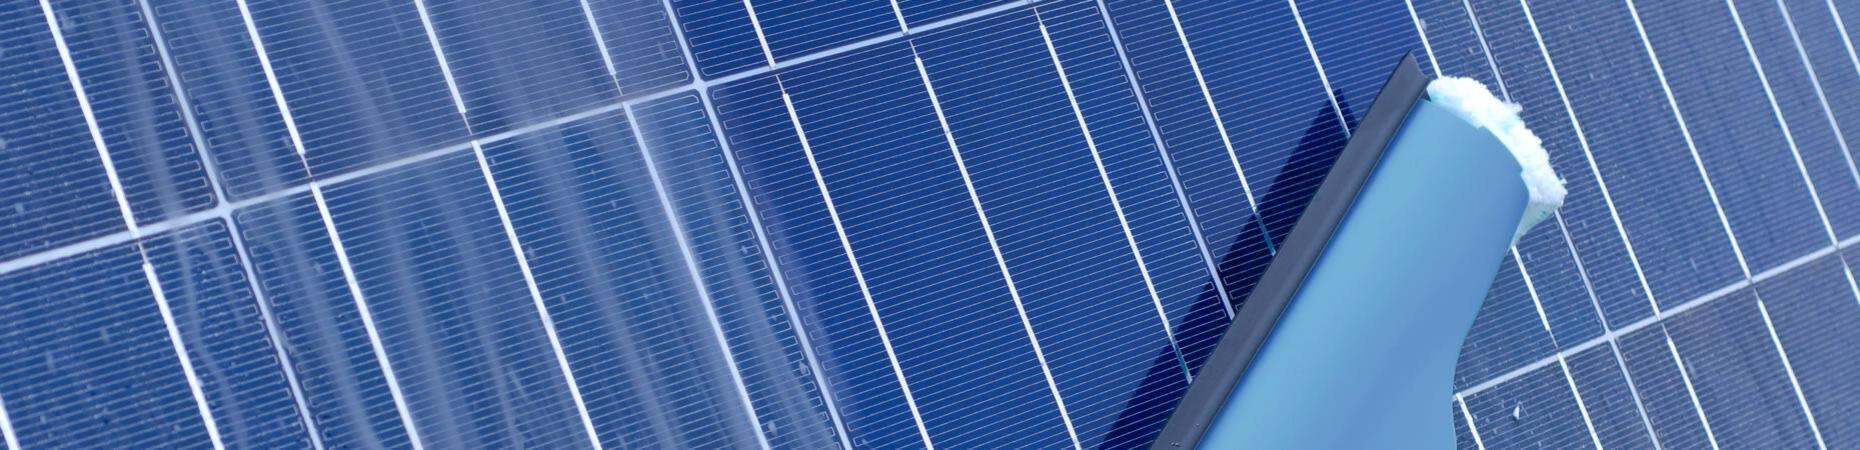 ecoservice-pesaro it pulizie-pannelli-solari-pesaro 005